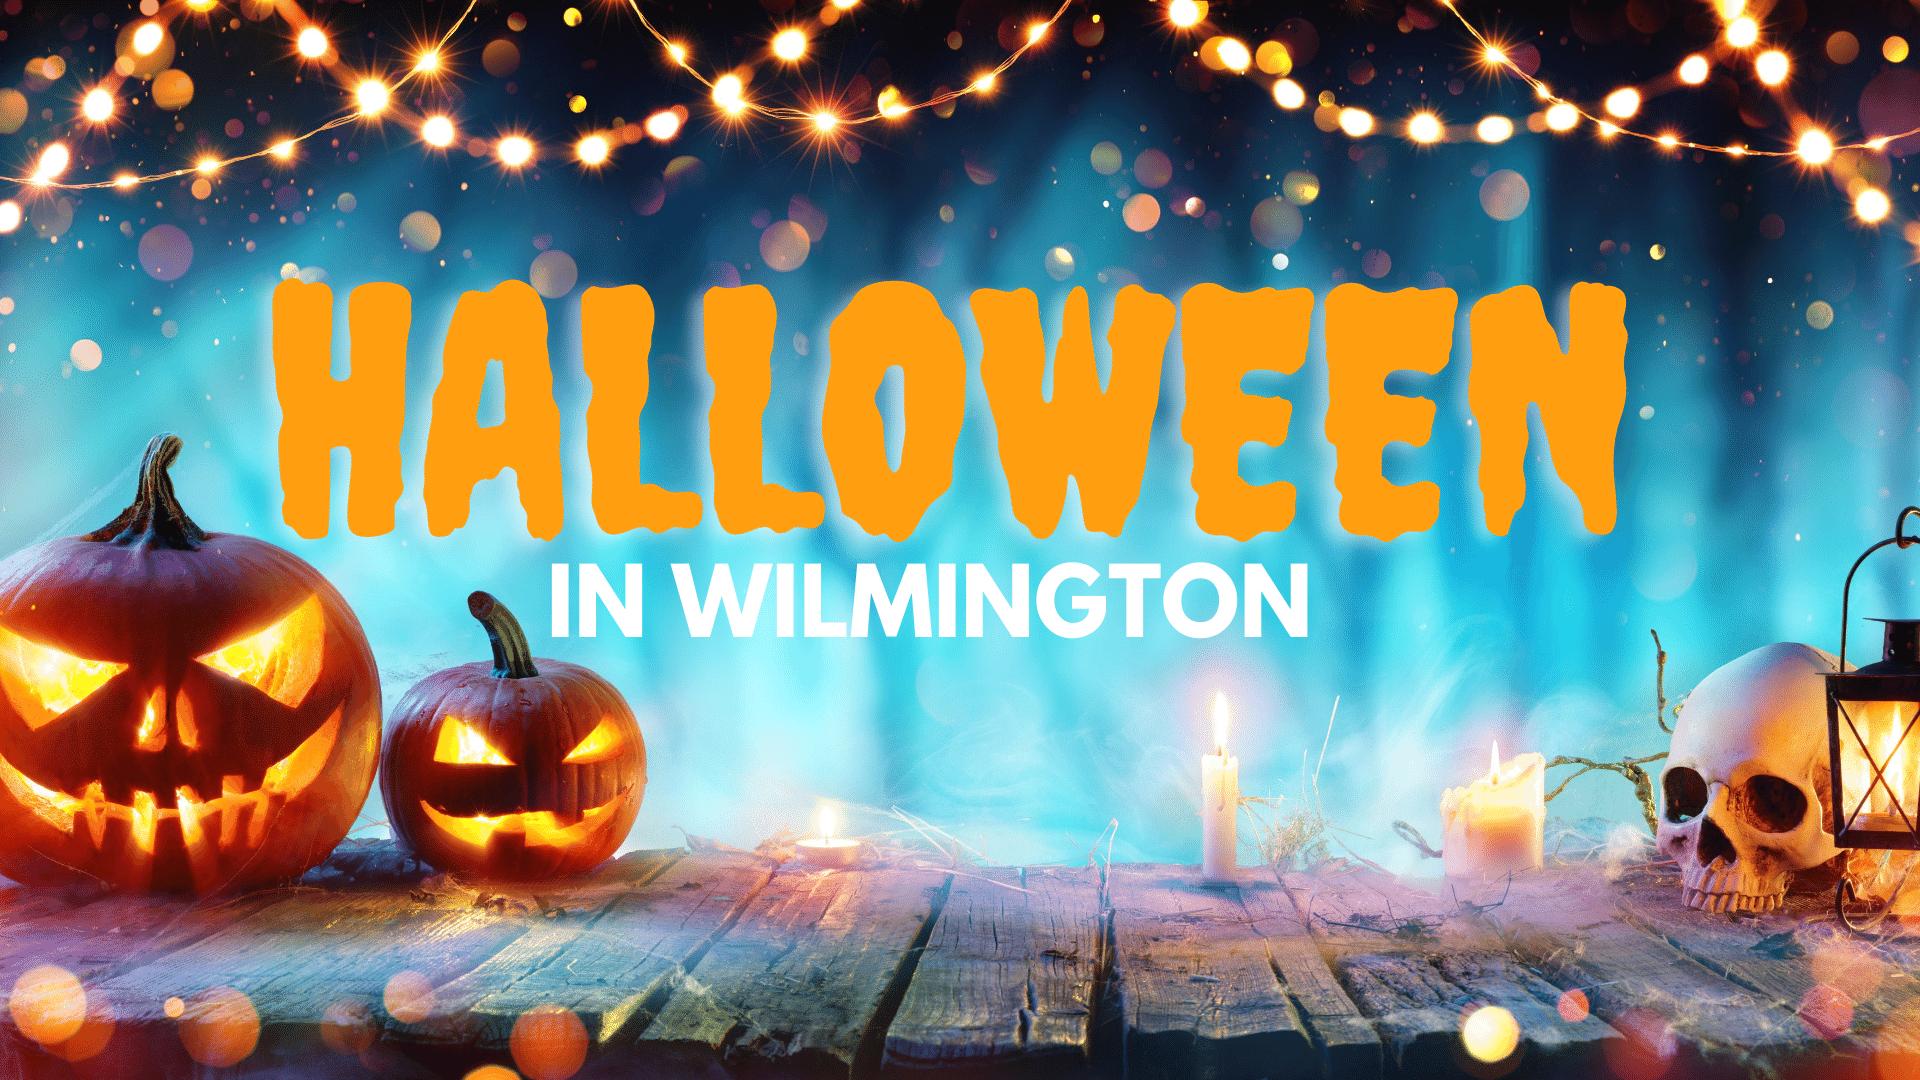 How to Celebrate Halloween in Wilmington, DE